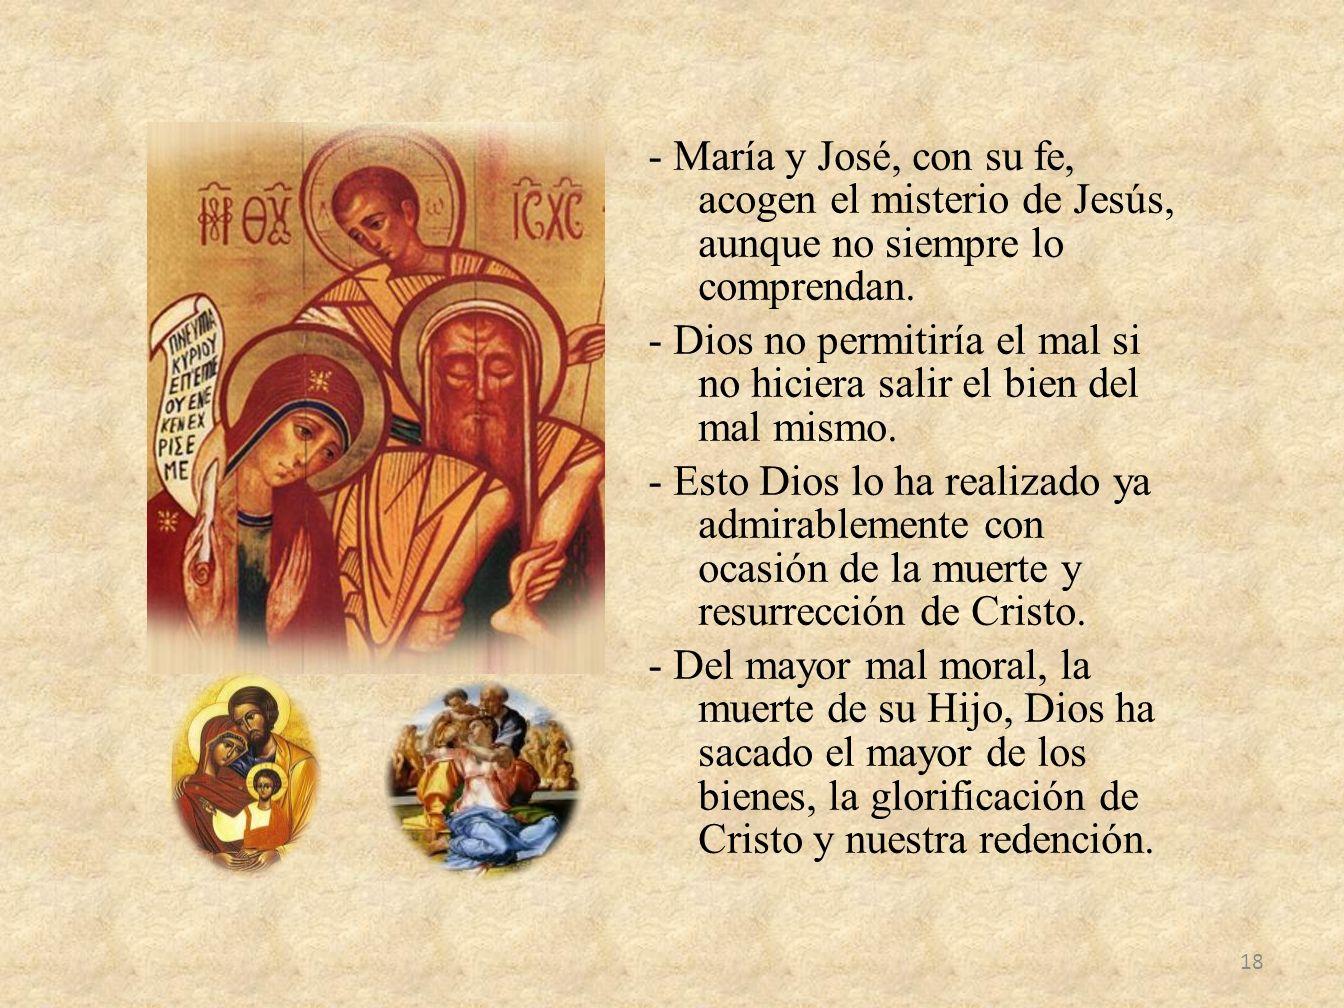 - María y José, con su fe, acogen el misterio de Jesús, aunque no siempre lo comprendan.